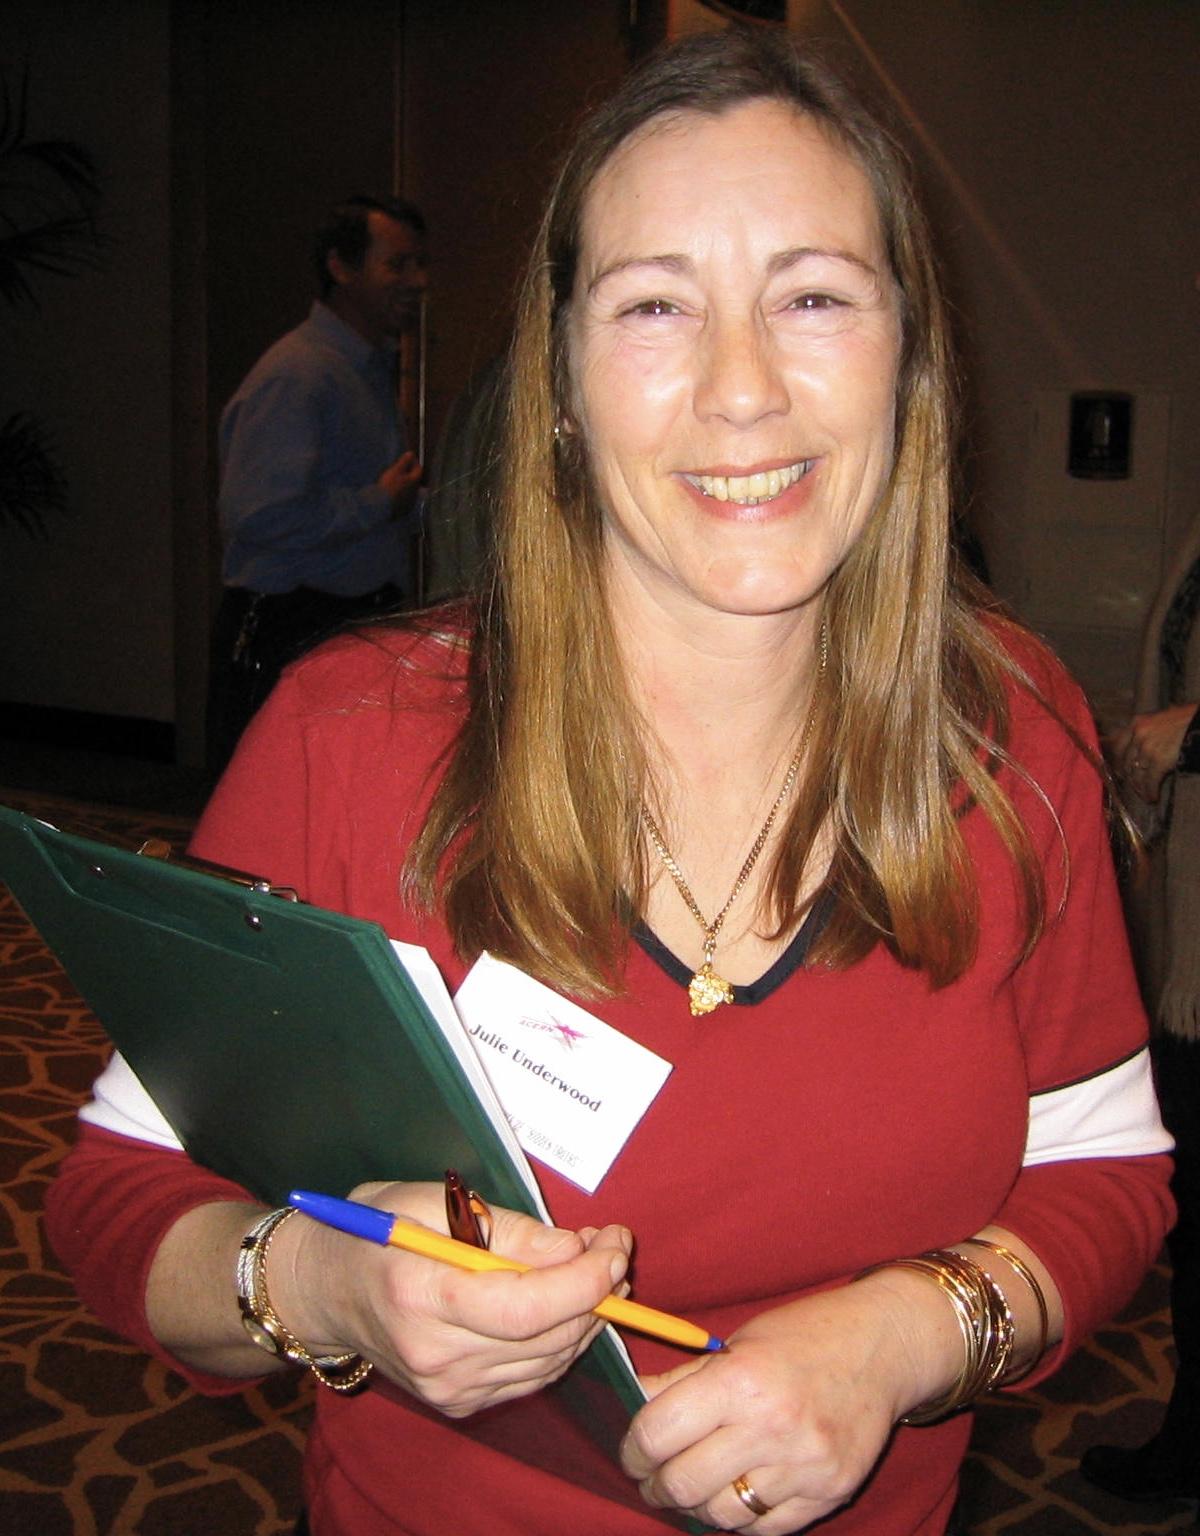 Julie Underwood